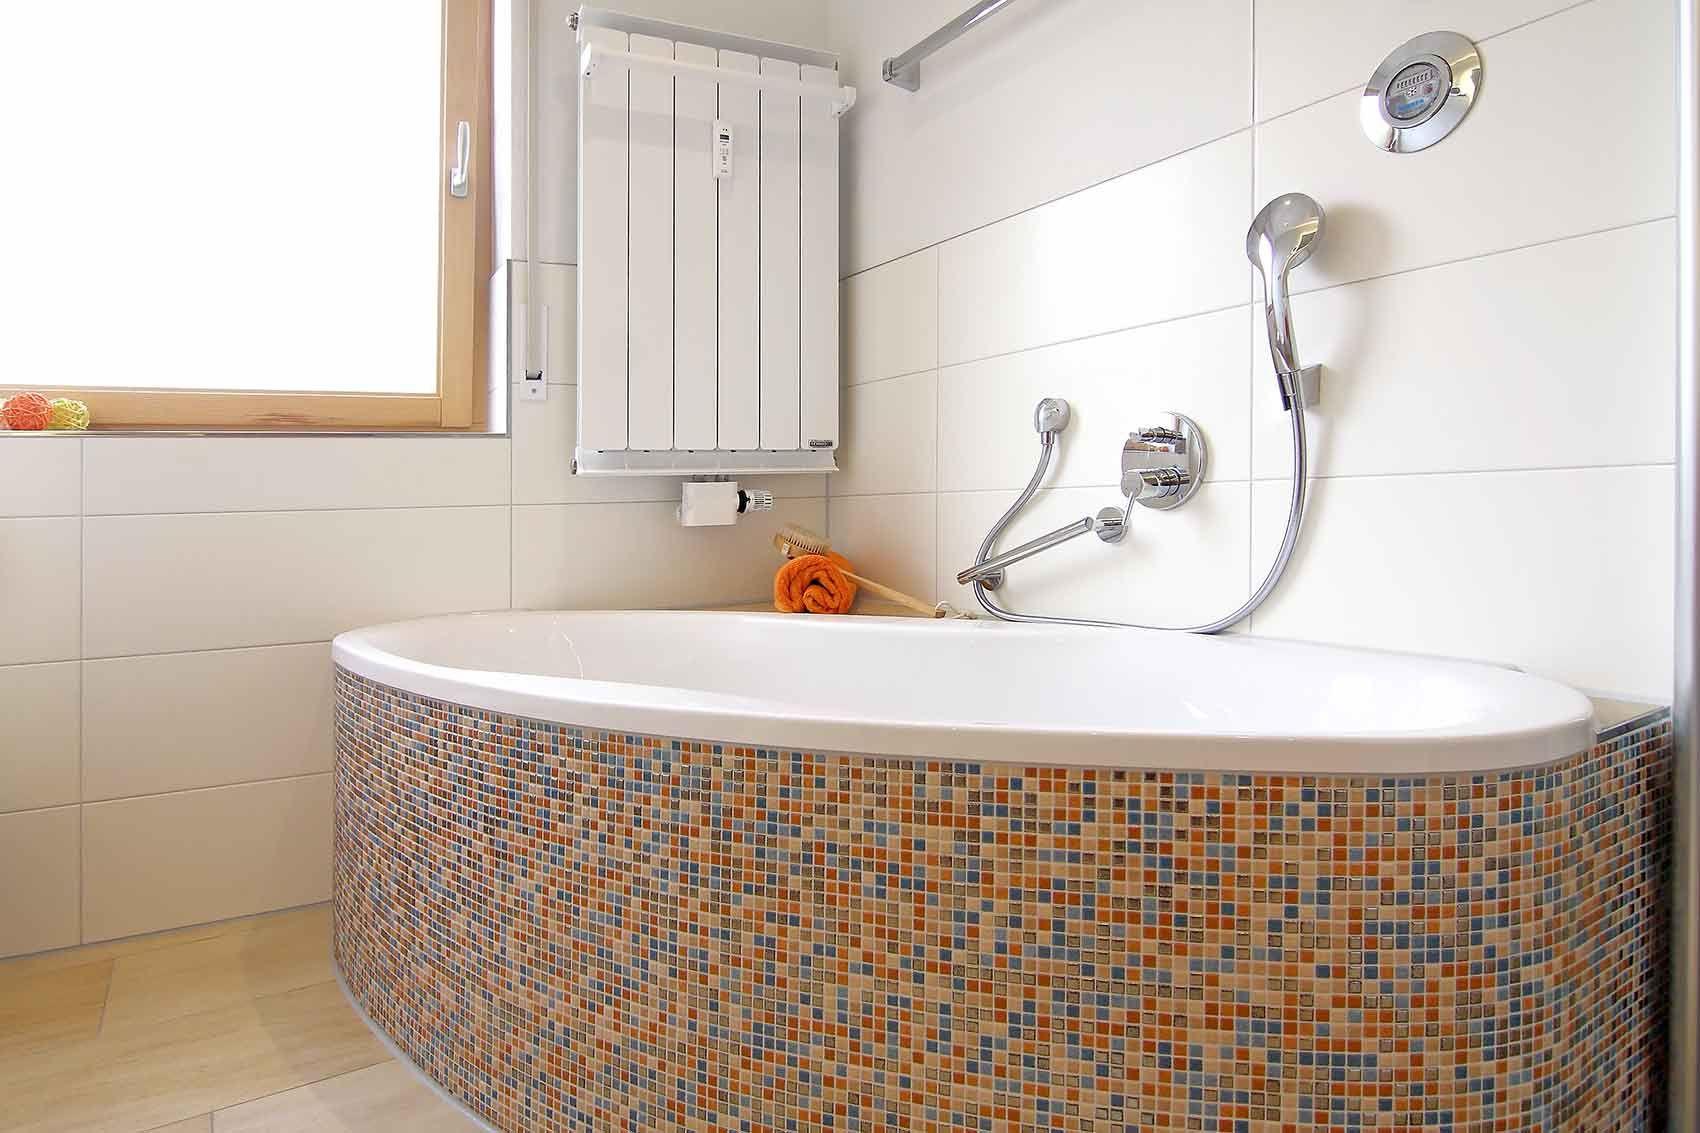 Mit Mosaik Badezimmer Aufpeppen Badewanne Mit Bunten Mosaikfliesen